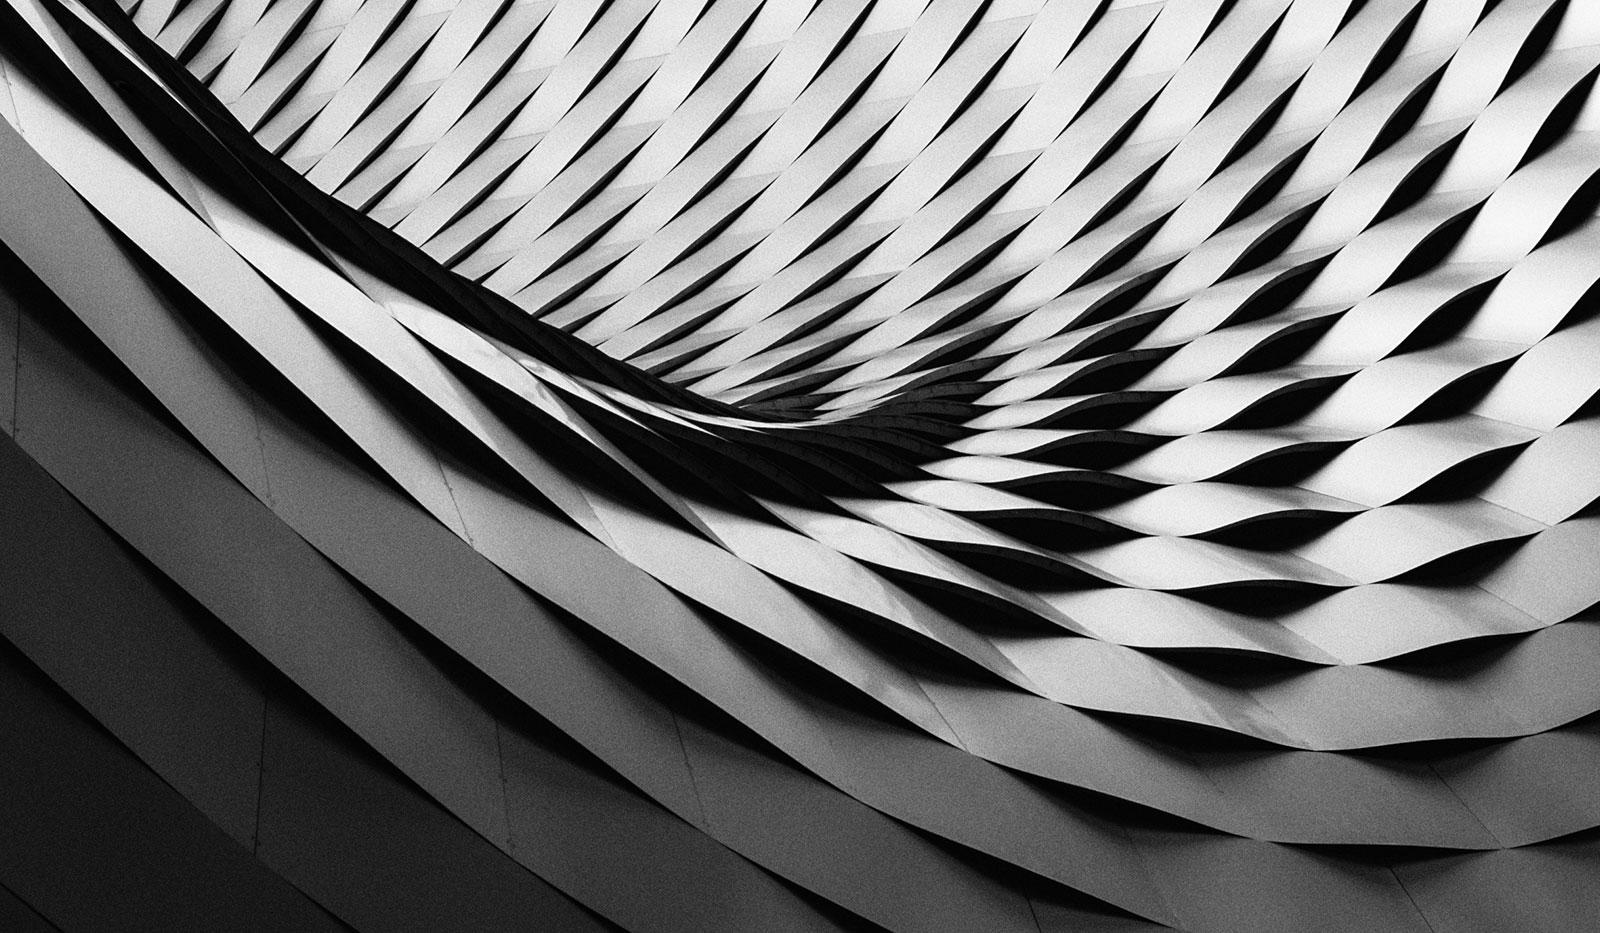 Muster schwarz-weiss